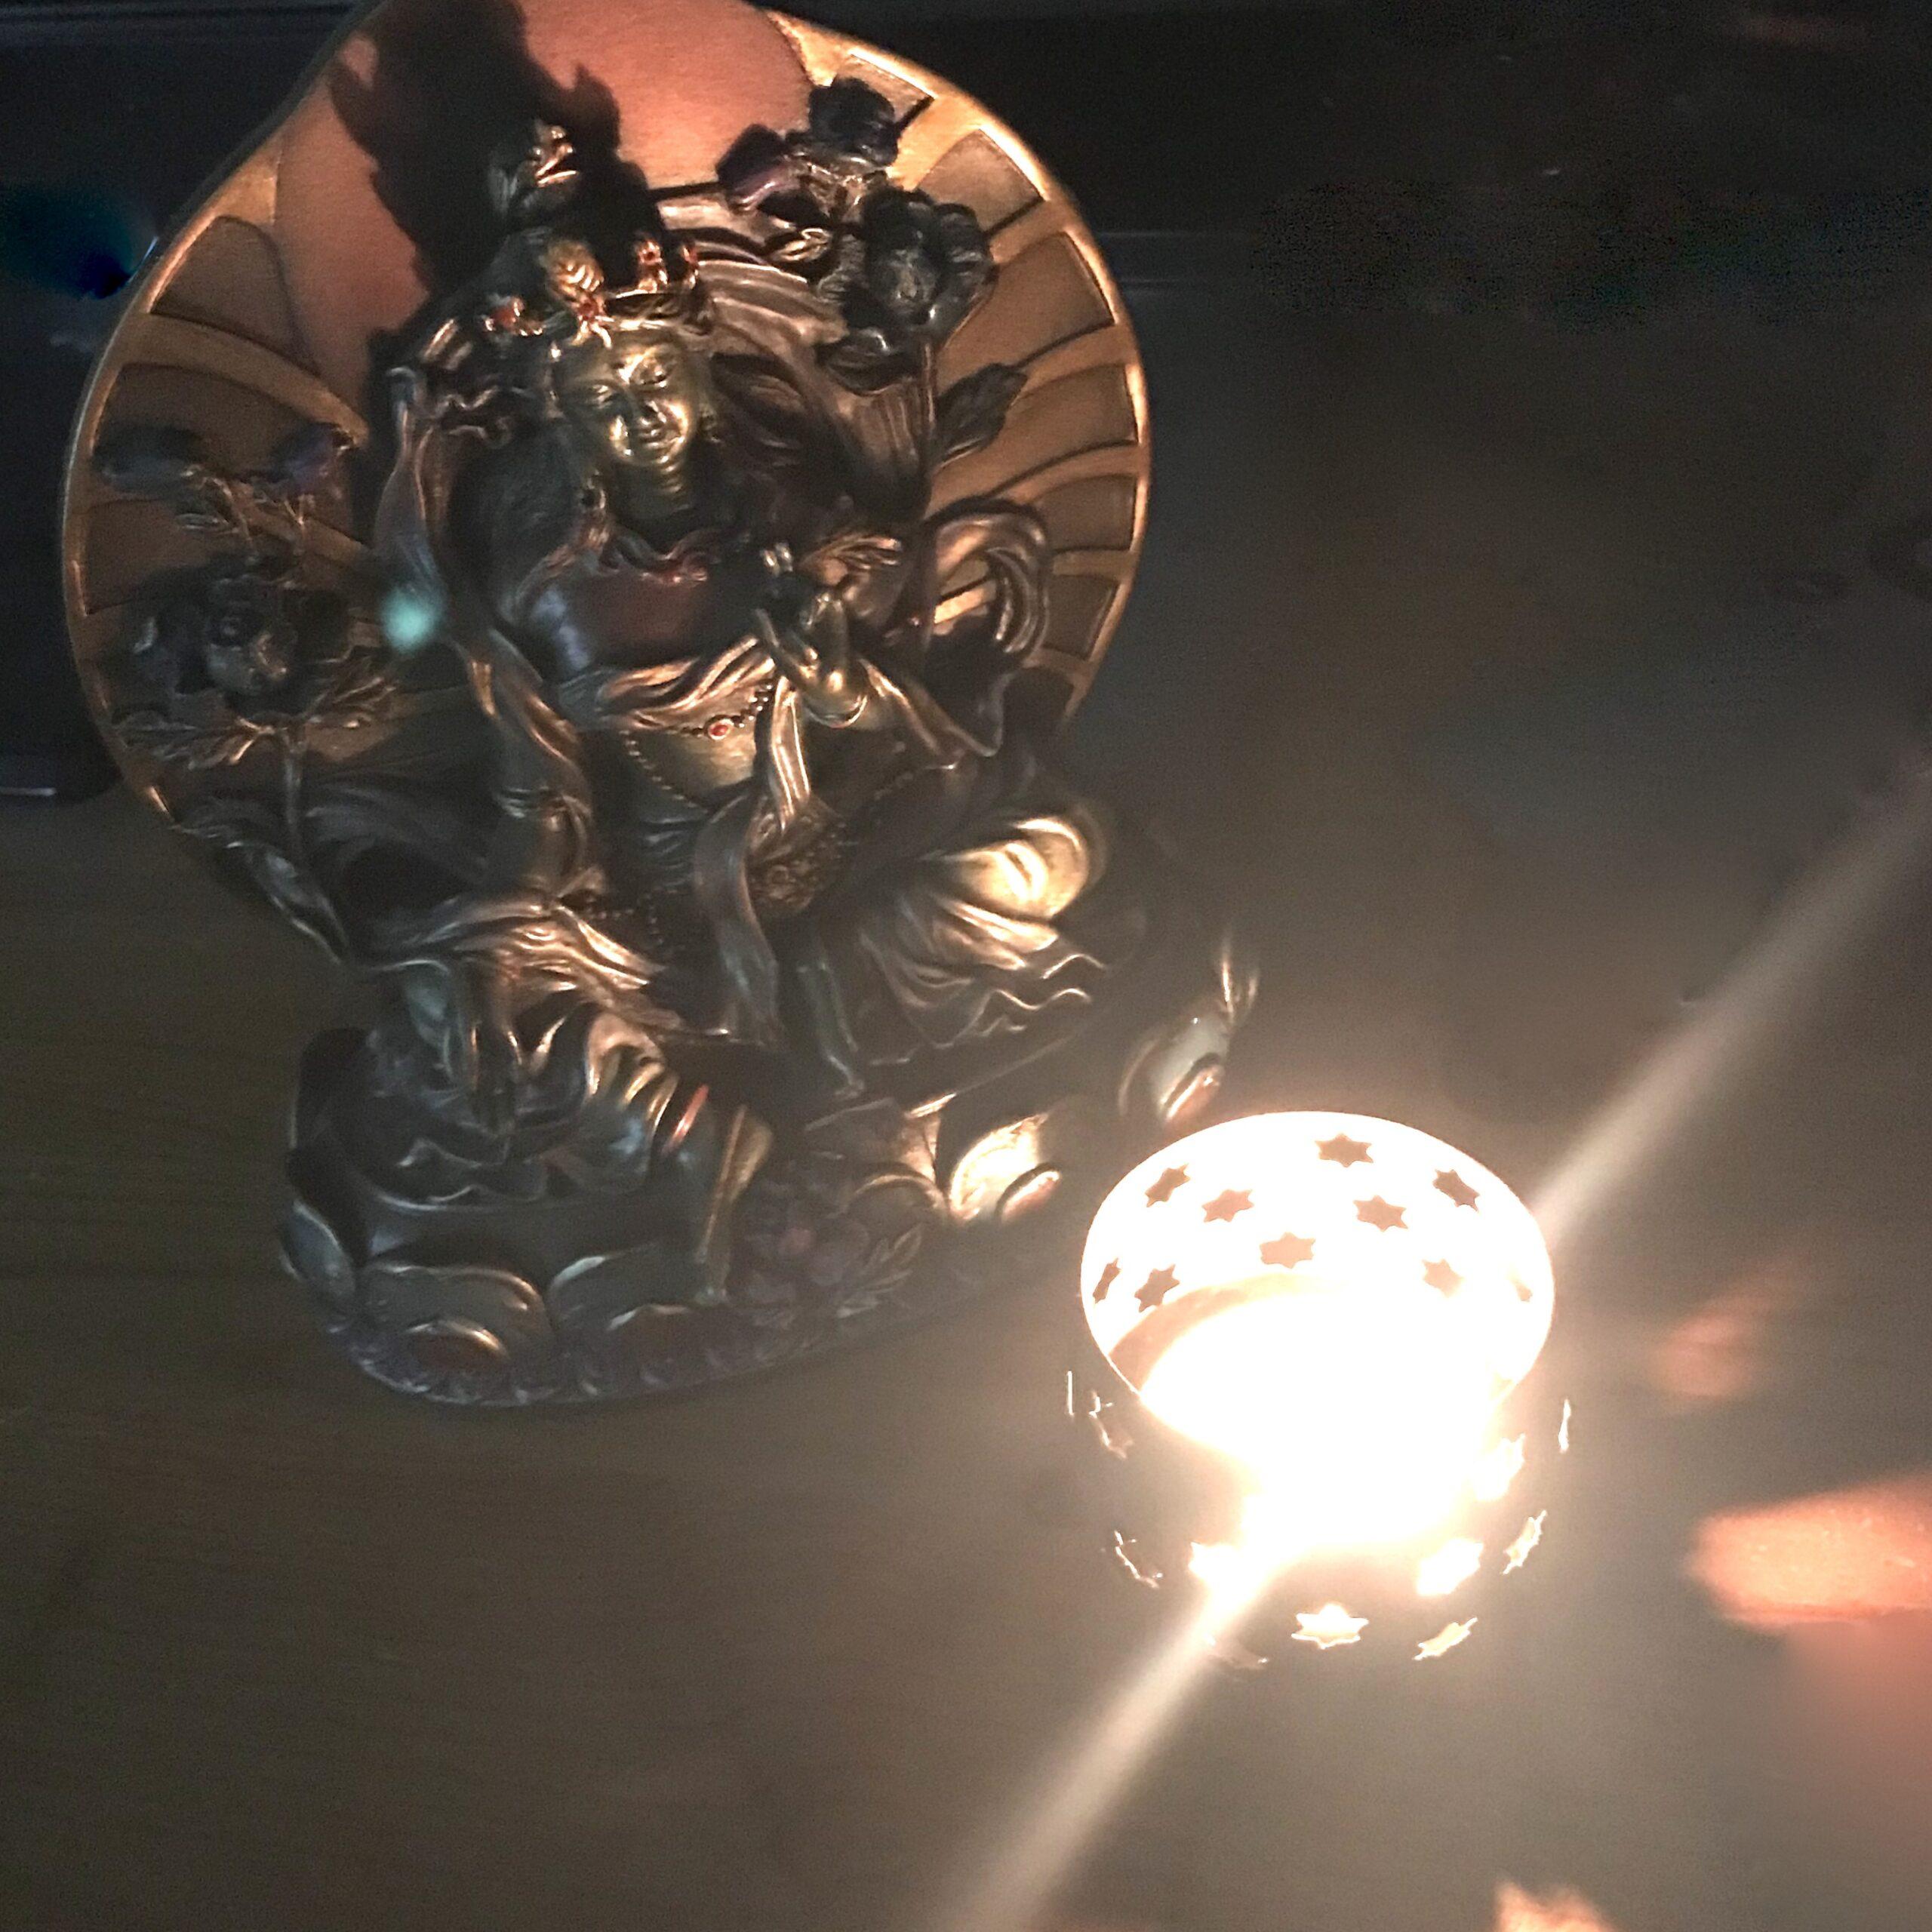 Shyamatara Murti and Candle